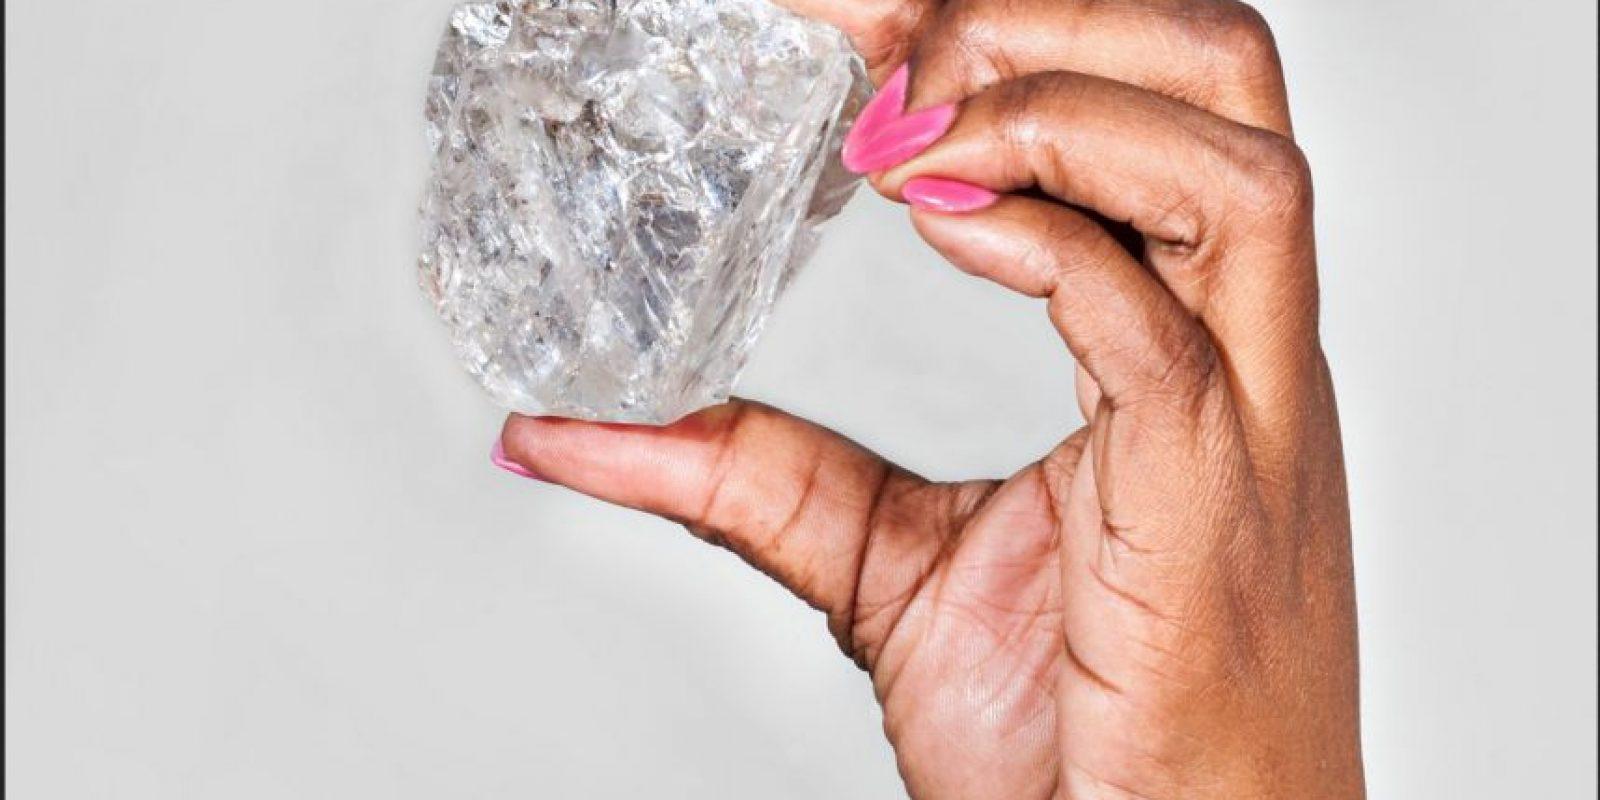 Se cree que luego de trabajarlo se podría producir el diamante más puro en el mundo. Foto:Vía lucaradiamond.com